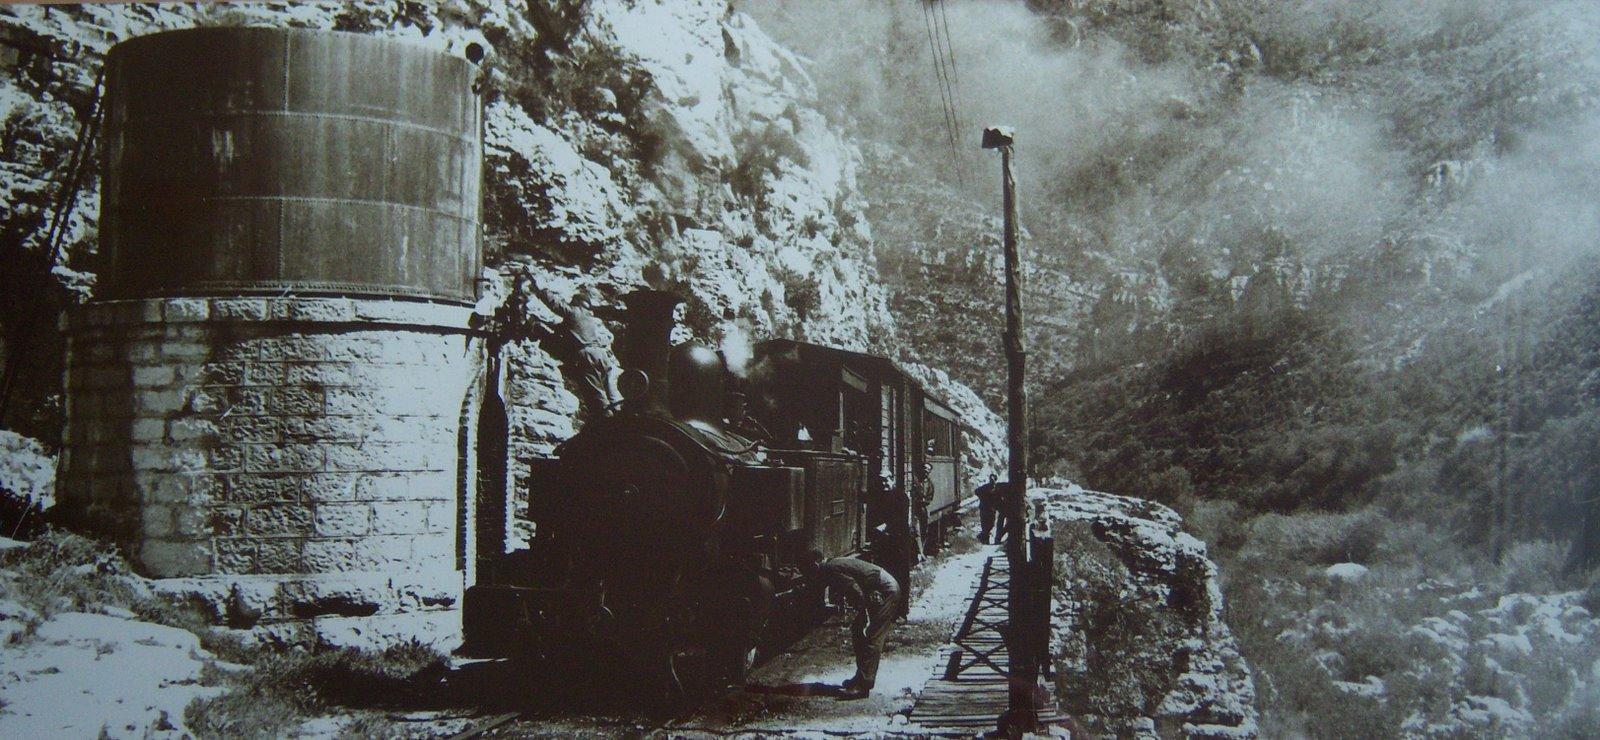 Foto de l'últim recorregut, amb la qual Crespo Colomer va guanyar el primer Premi Nacional de Fotografia de Trens de Vapor en 1972